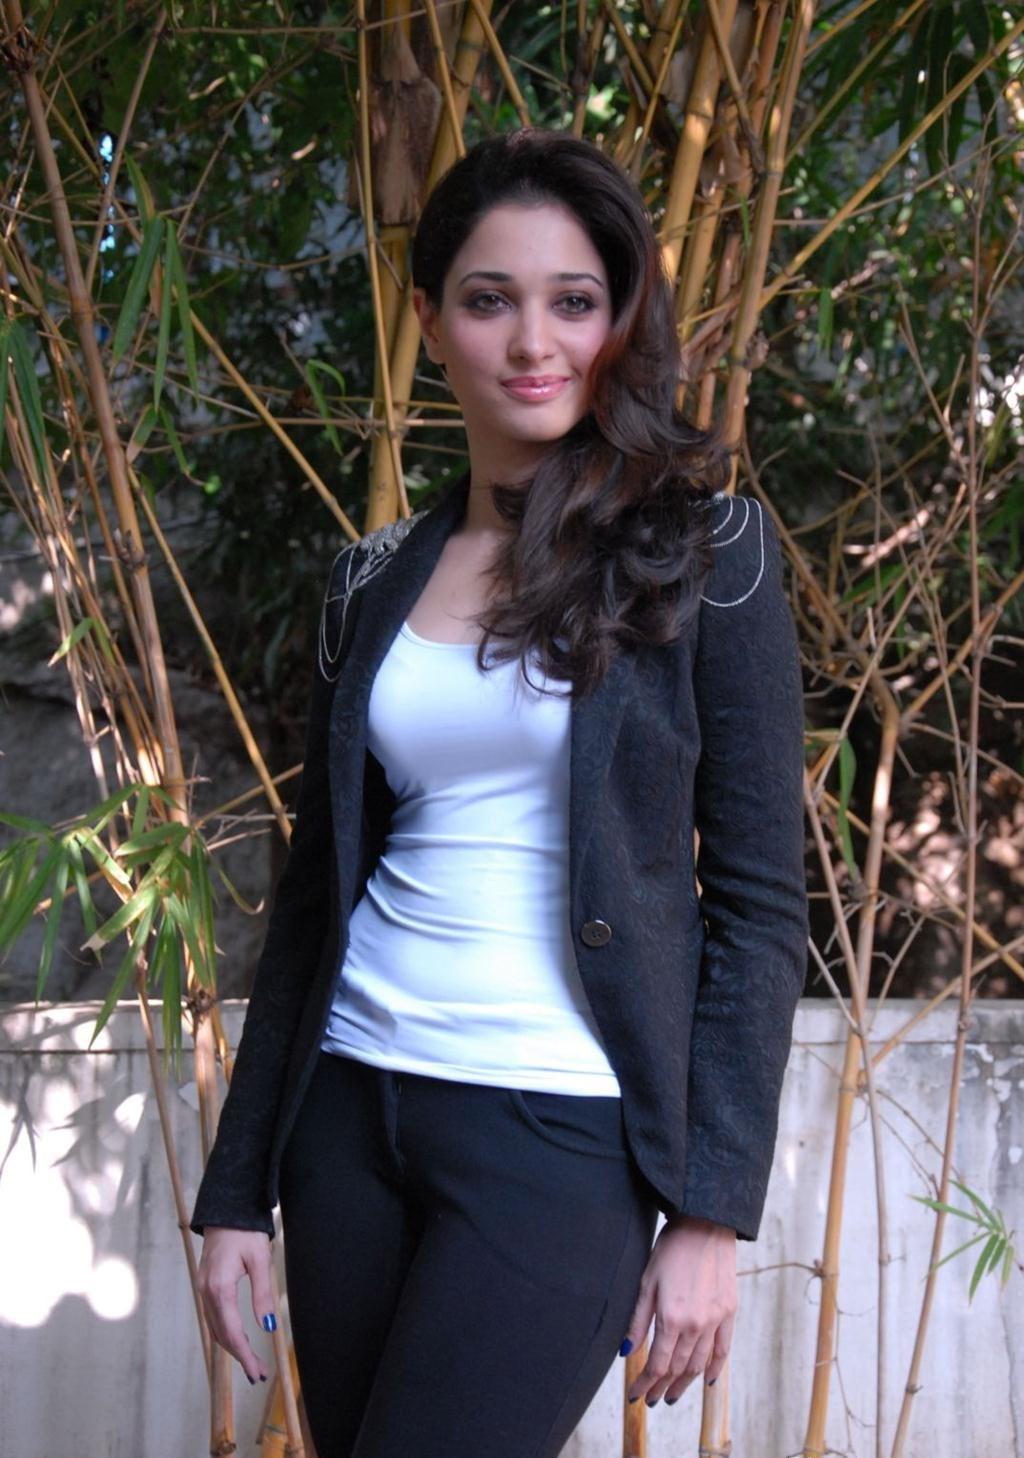 Latest Tamanna In Saree: Actress Tamanna Latest Hot Photo Shoot